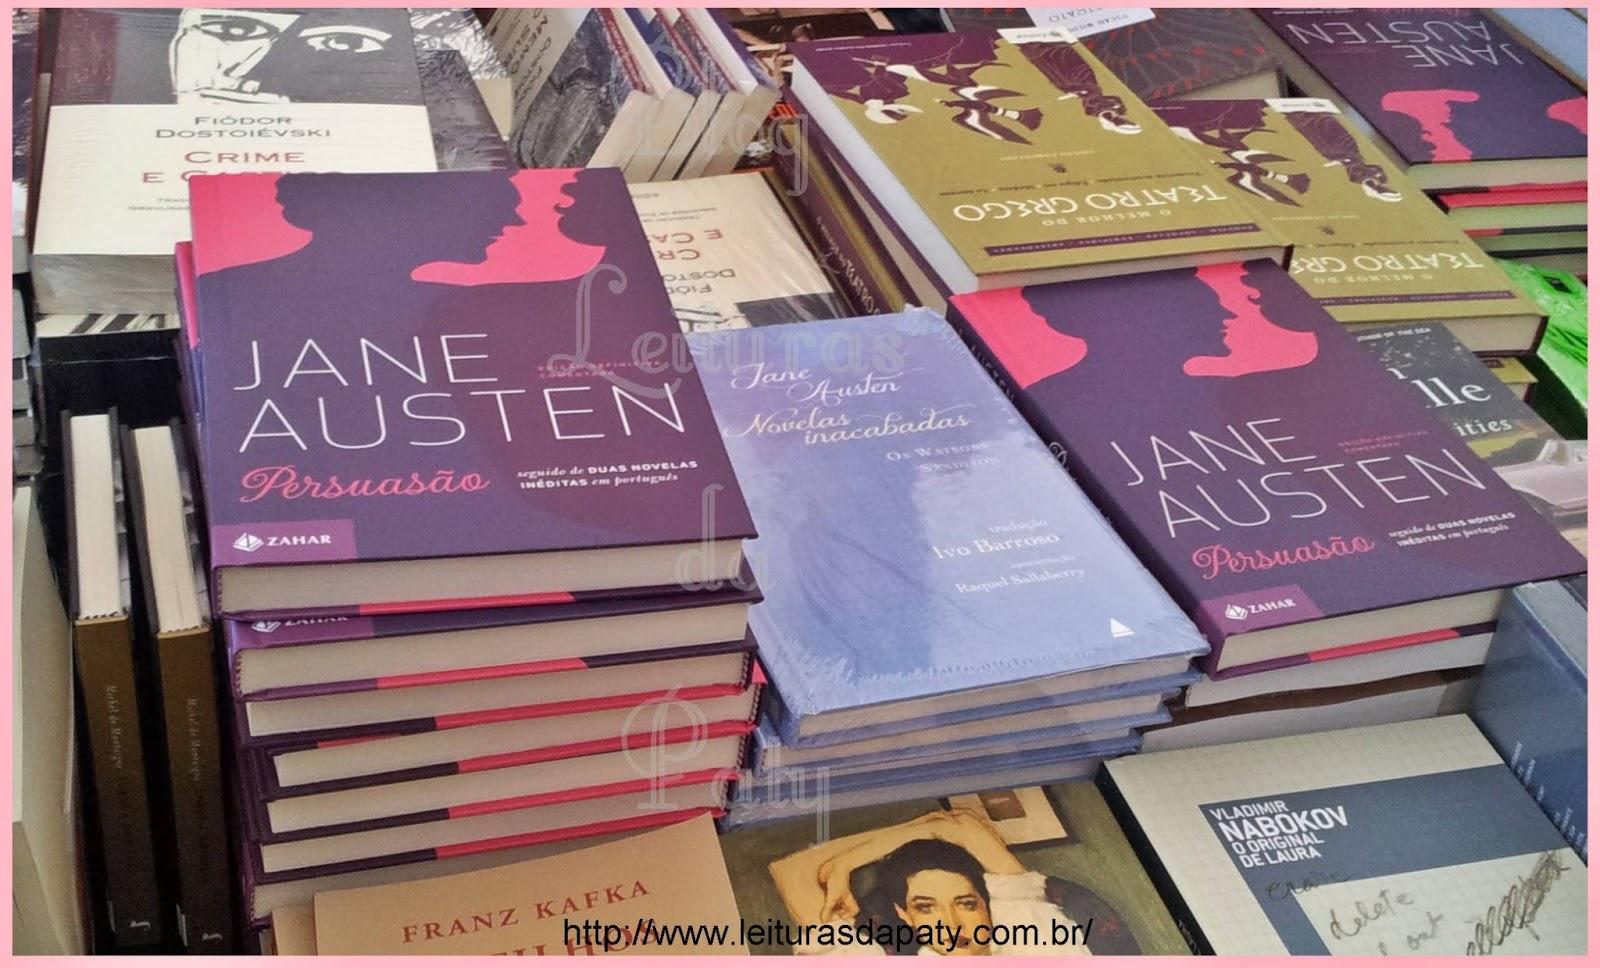 Flip 2013 - Paraty - Jane Austen - Blog Leituras da Paty